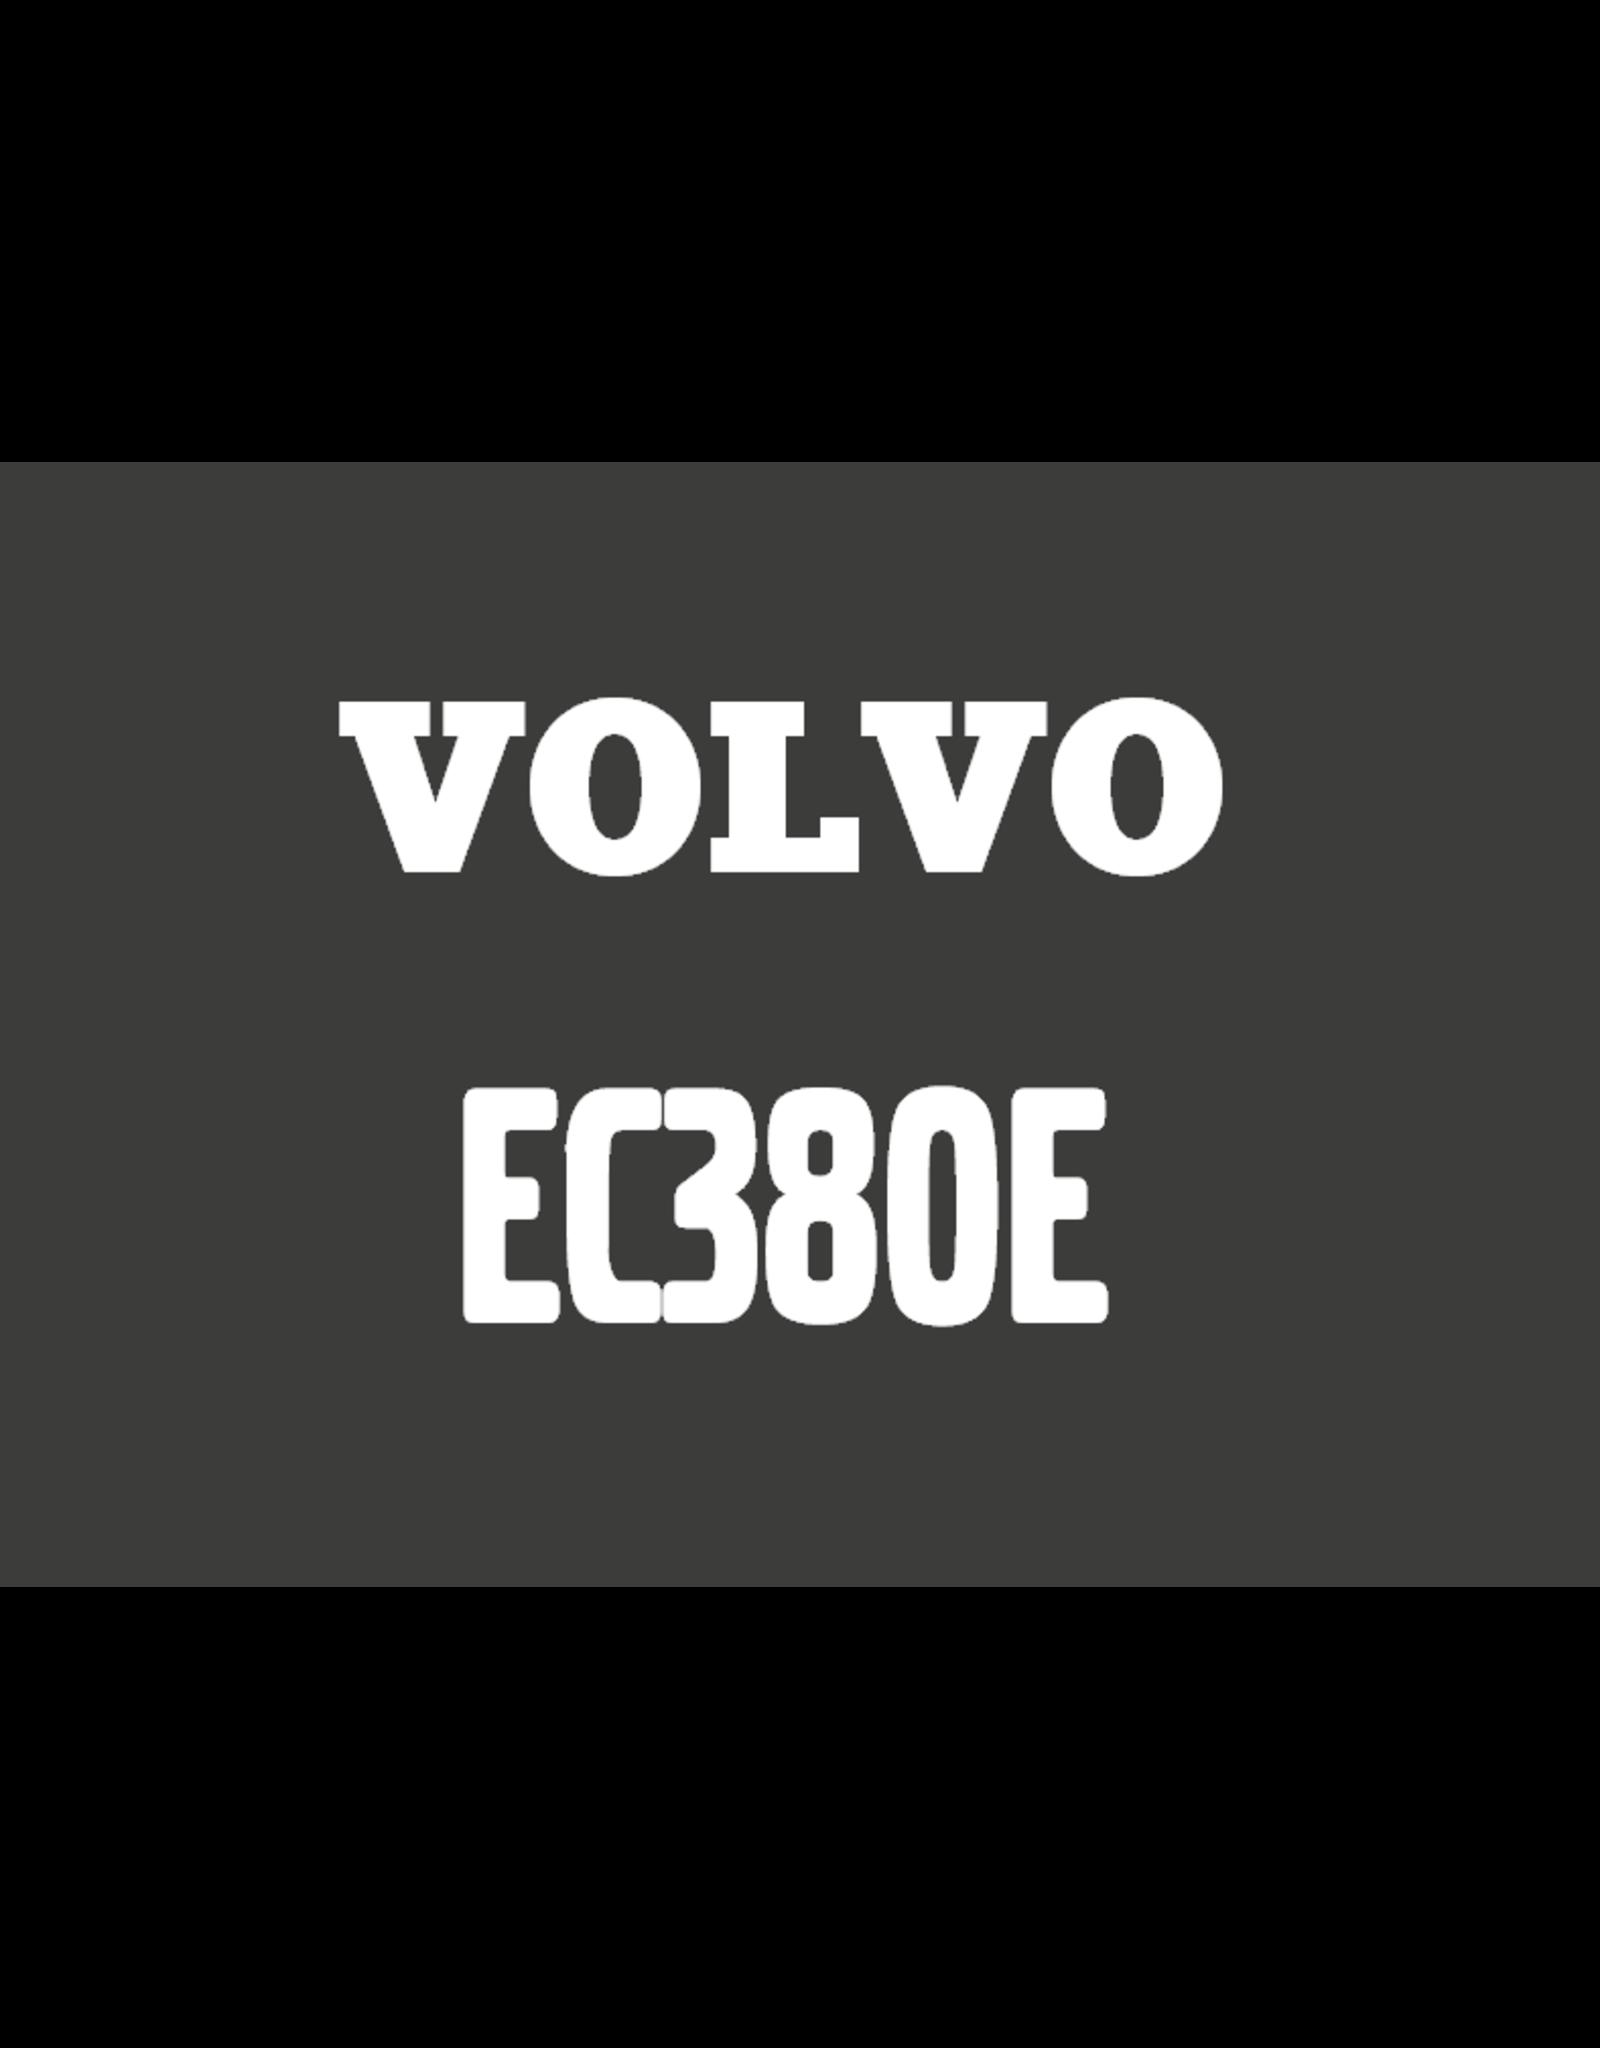 Echle Hartstahl GmbH FOPS pour Volvo EC380E